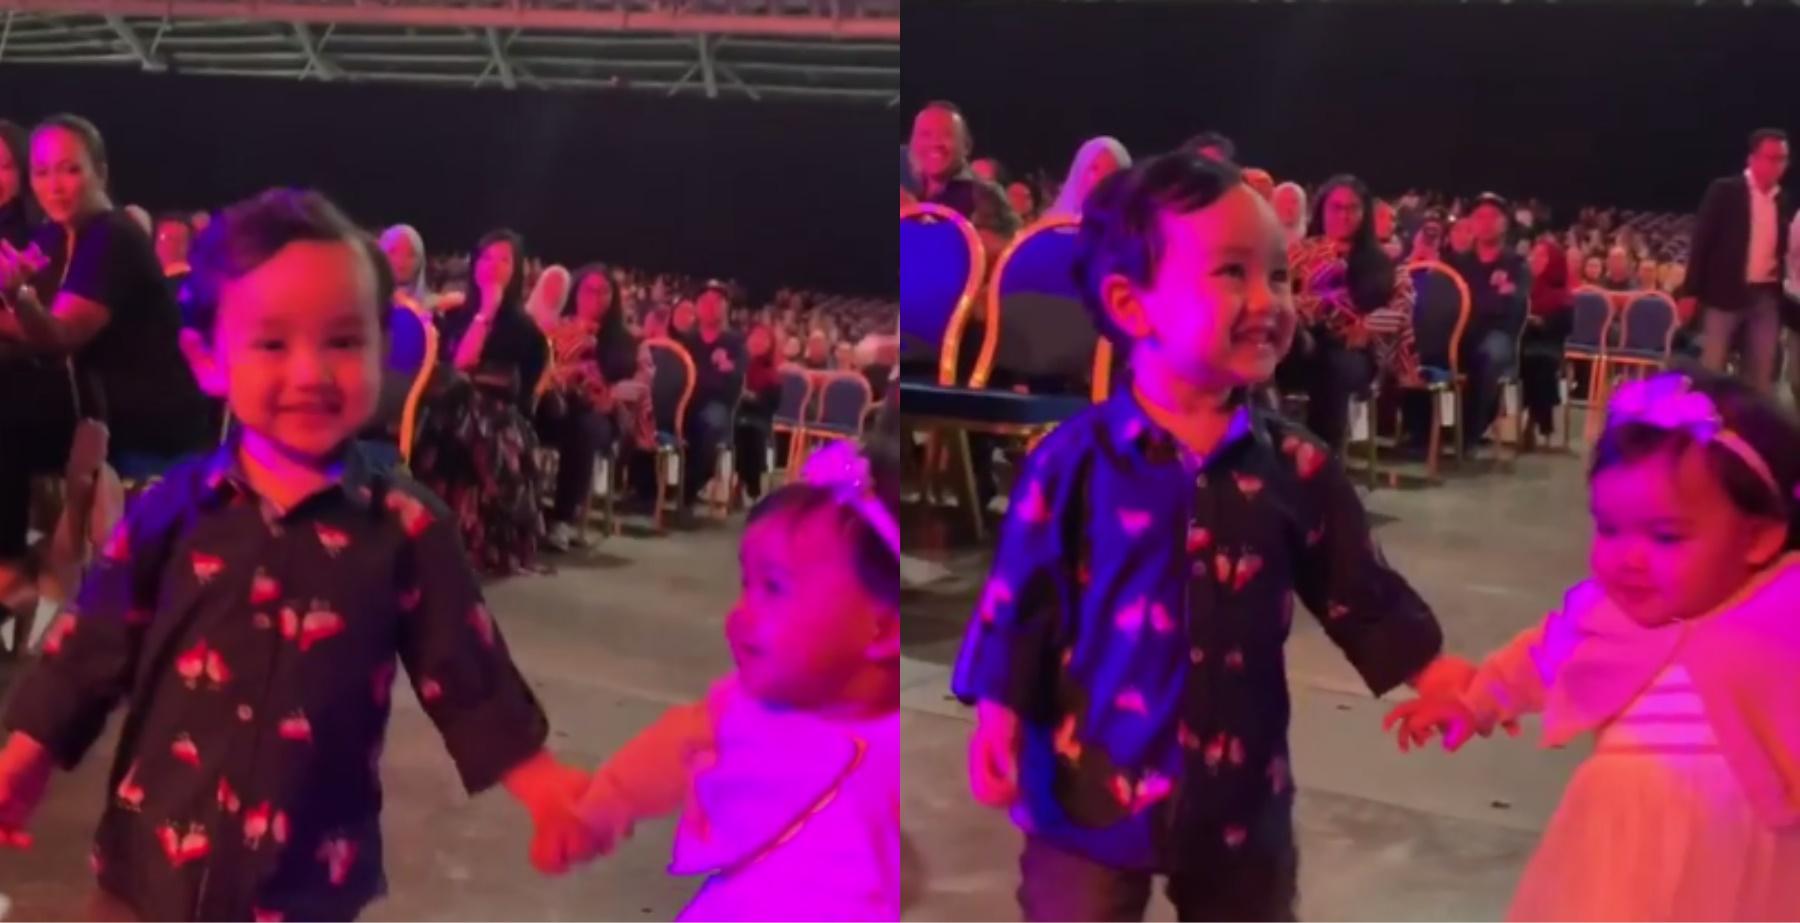 """[VIDEO] """"Sweet La Arif Ni…"""" – Aksi Arif Jiwa Pimpin Aafiyah Ketika Konsert Siti Nurhaliza Tarik Perhatian Netizen, Comel Sangat!_5c7a9557b4be3.jpeg"""